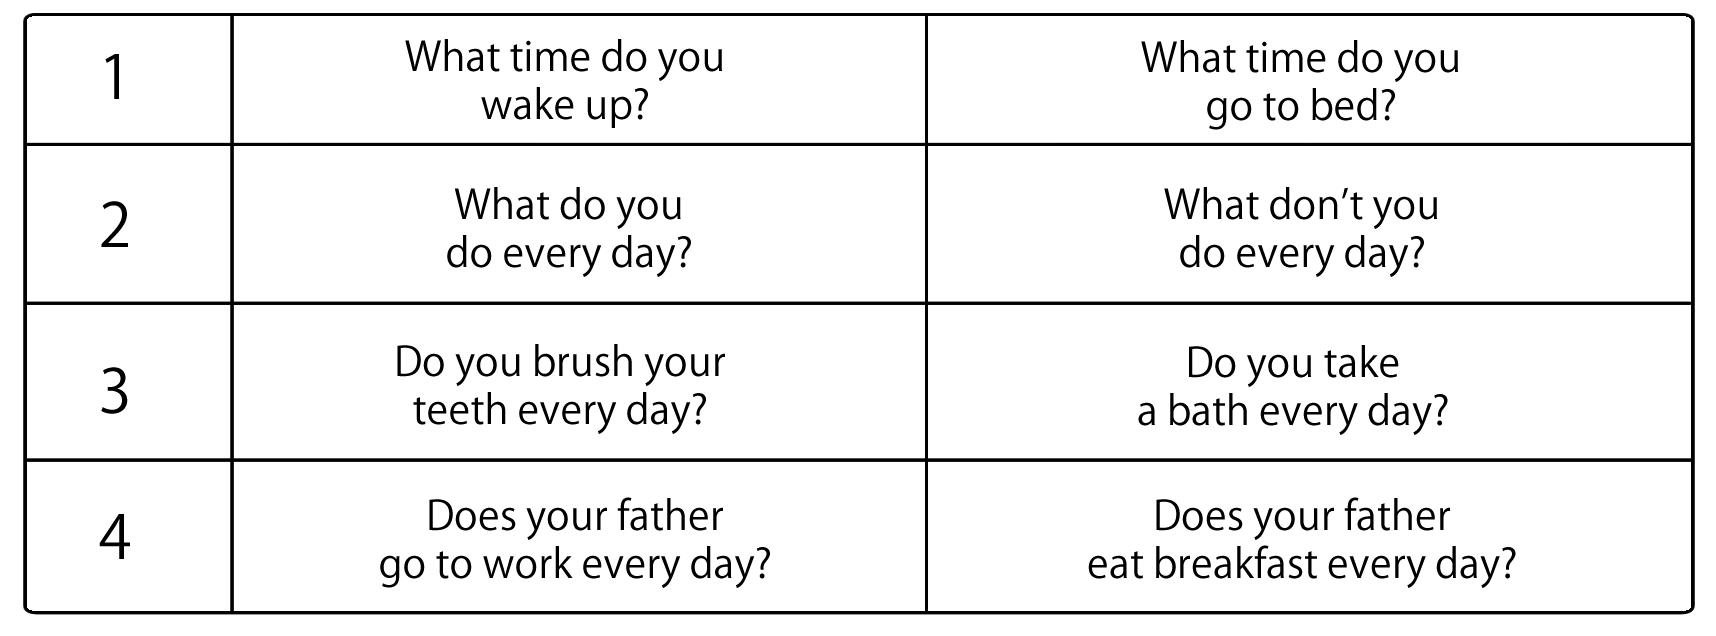 English speaking homework